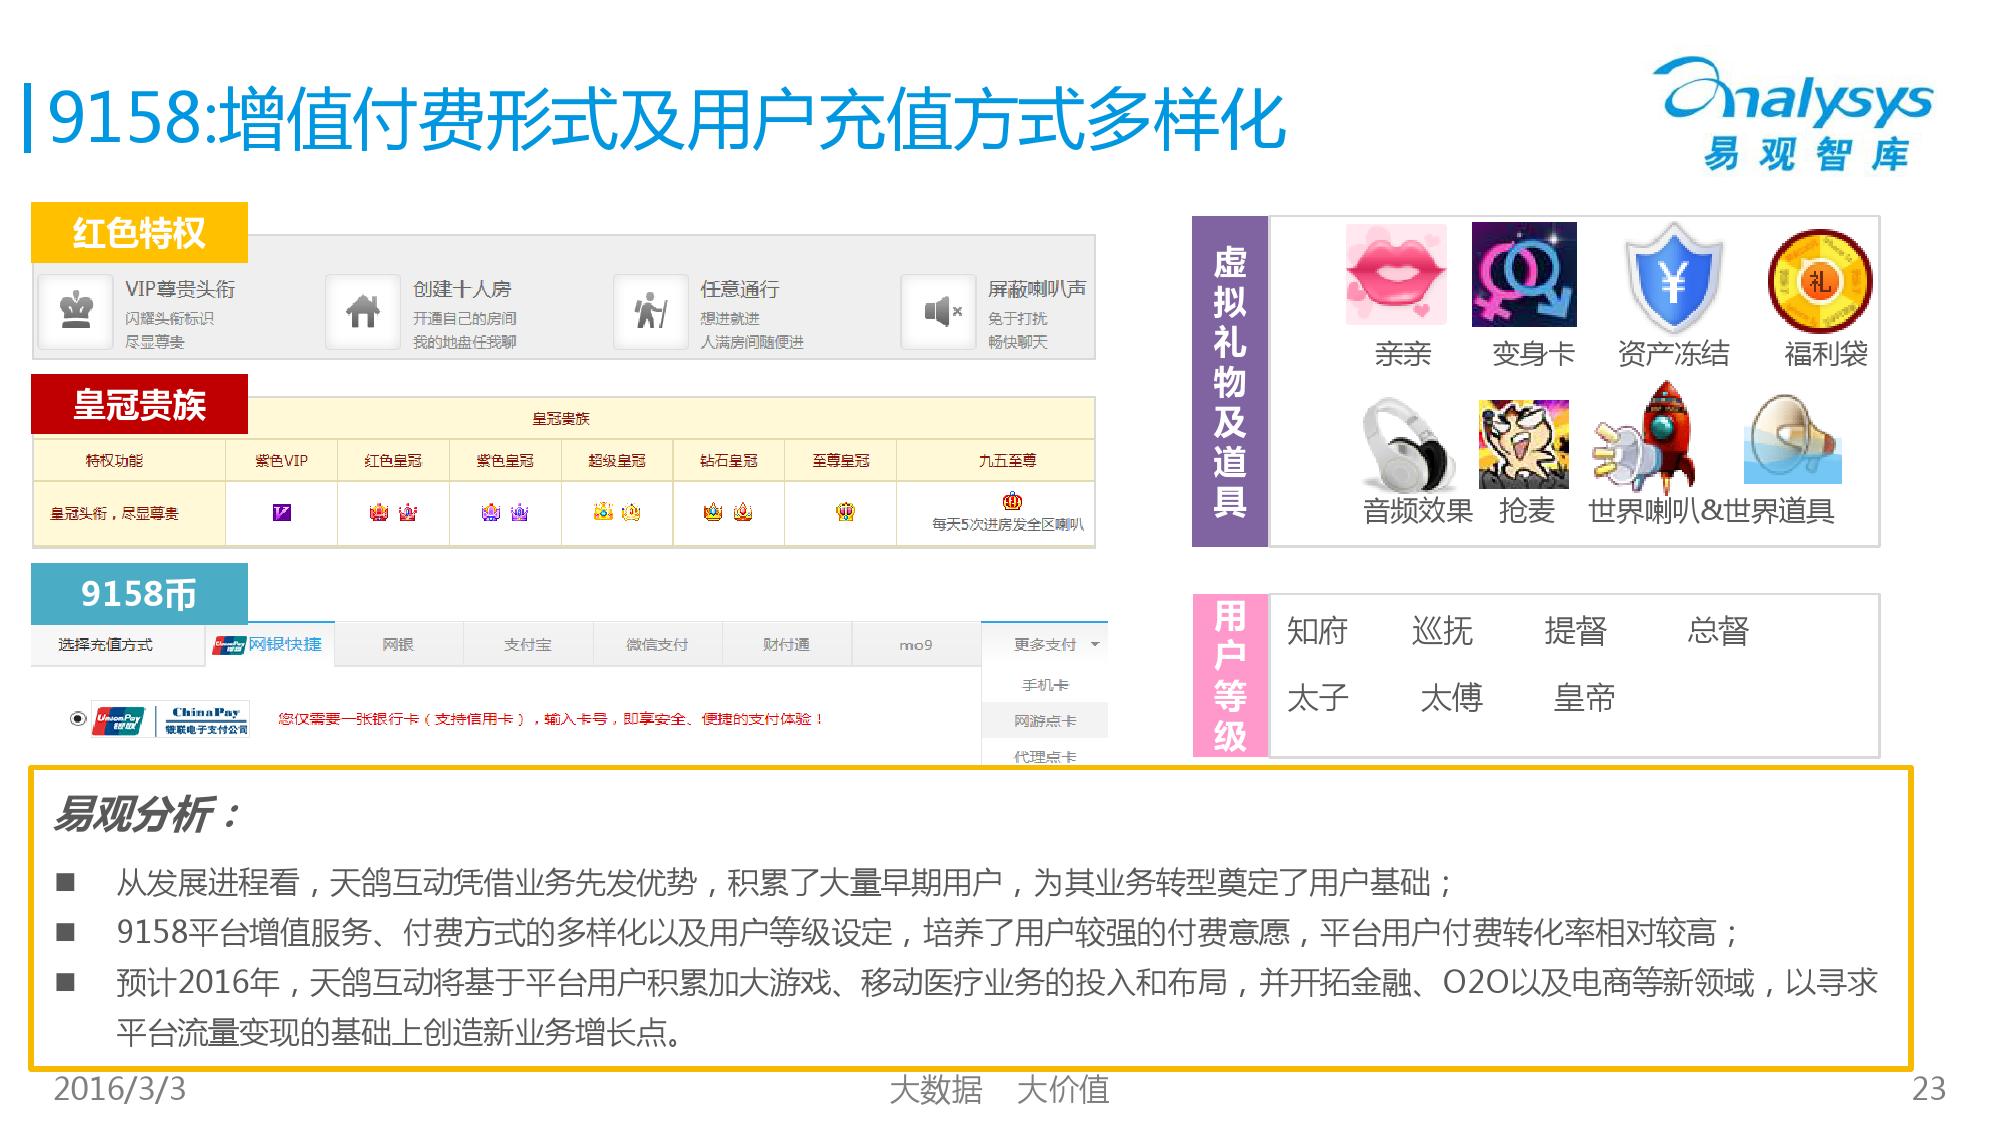 中国秀场娱乐市场专题研究报告2016_000023